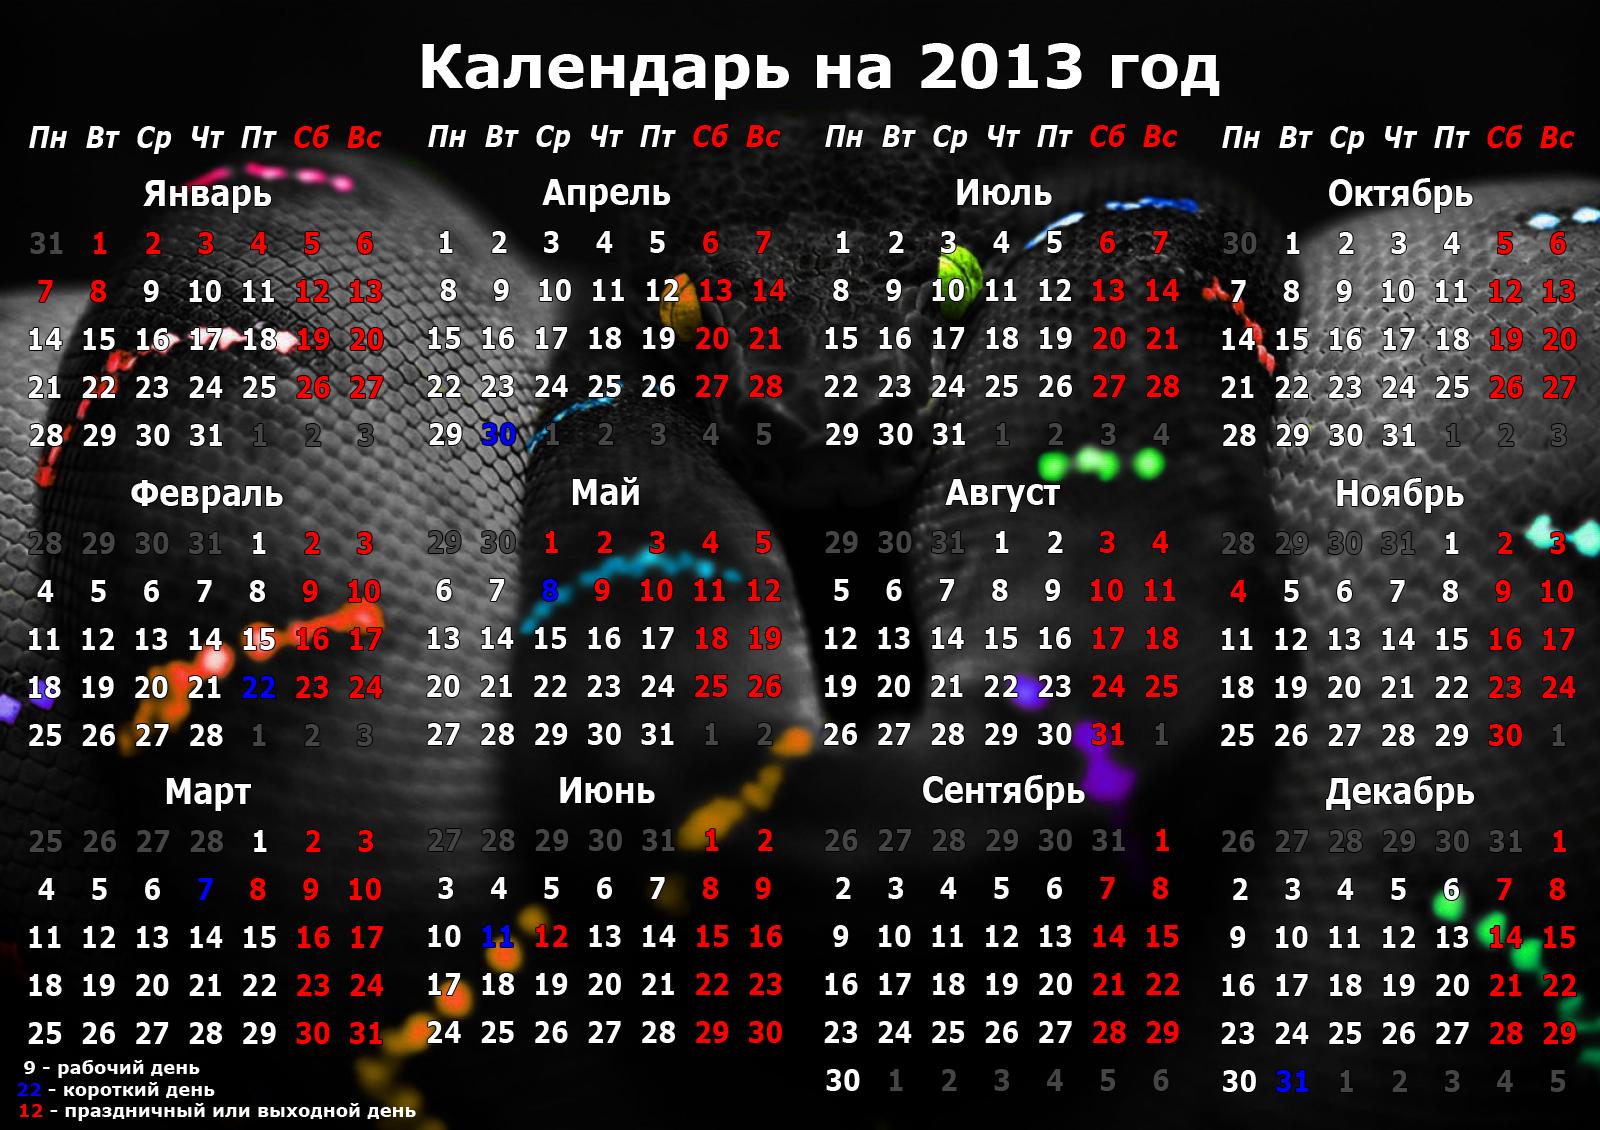 Календарь на 2013 год для россии скачать